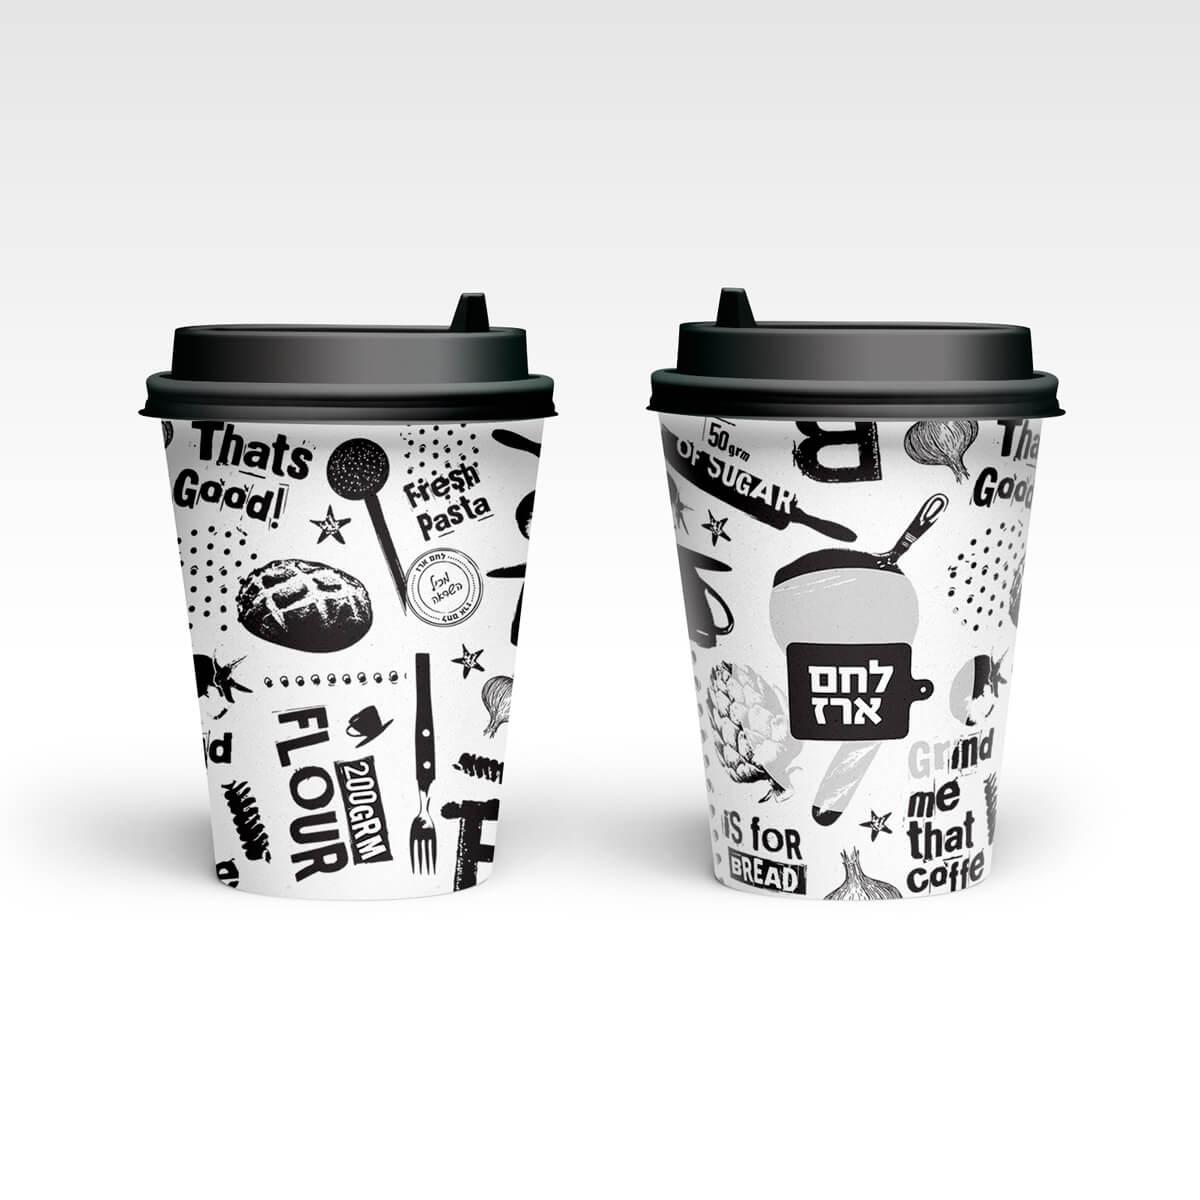 מיתוג כוסות שתייה קפה קפה | ליאור דקל ליבה